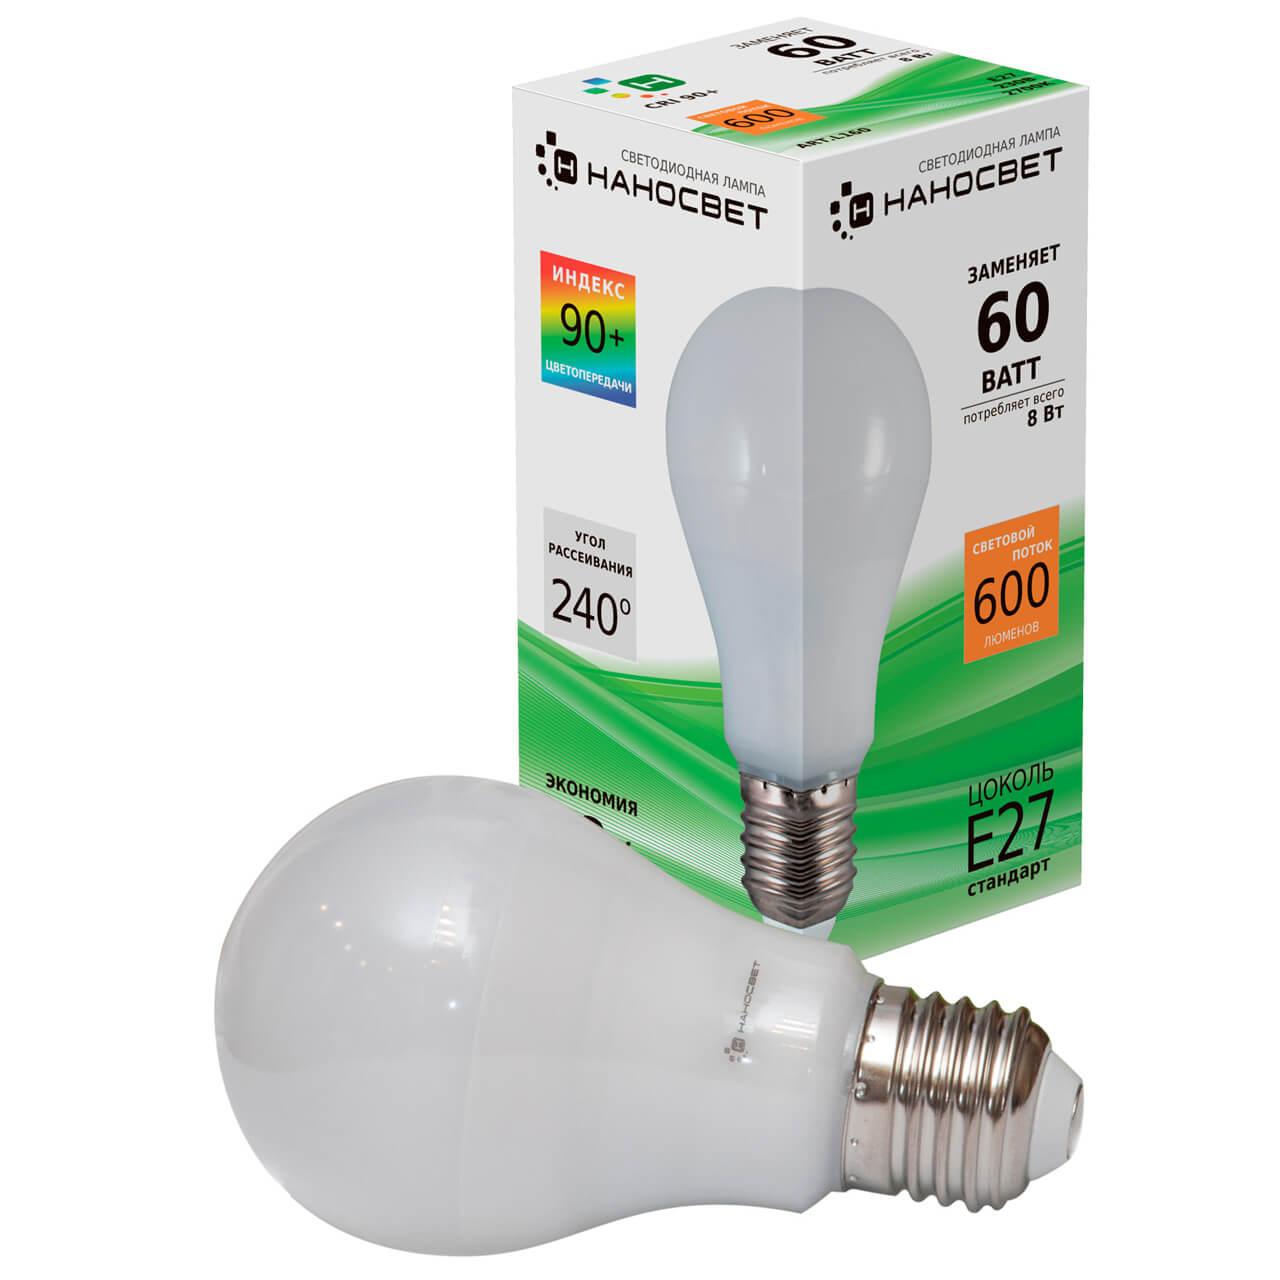 Лампочка Наносвет L160